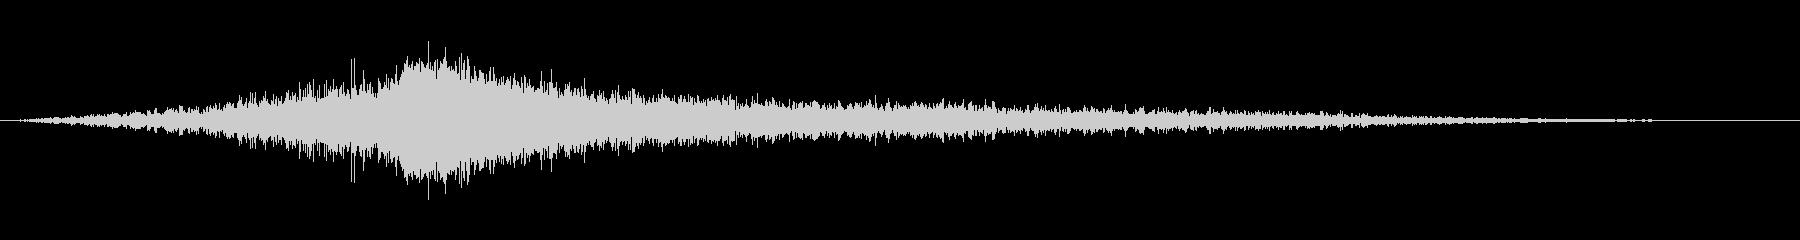 ジャン:迫力ある怖い音(ホラー)2の未再生の波形